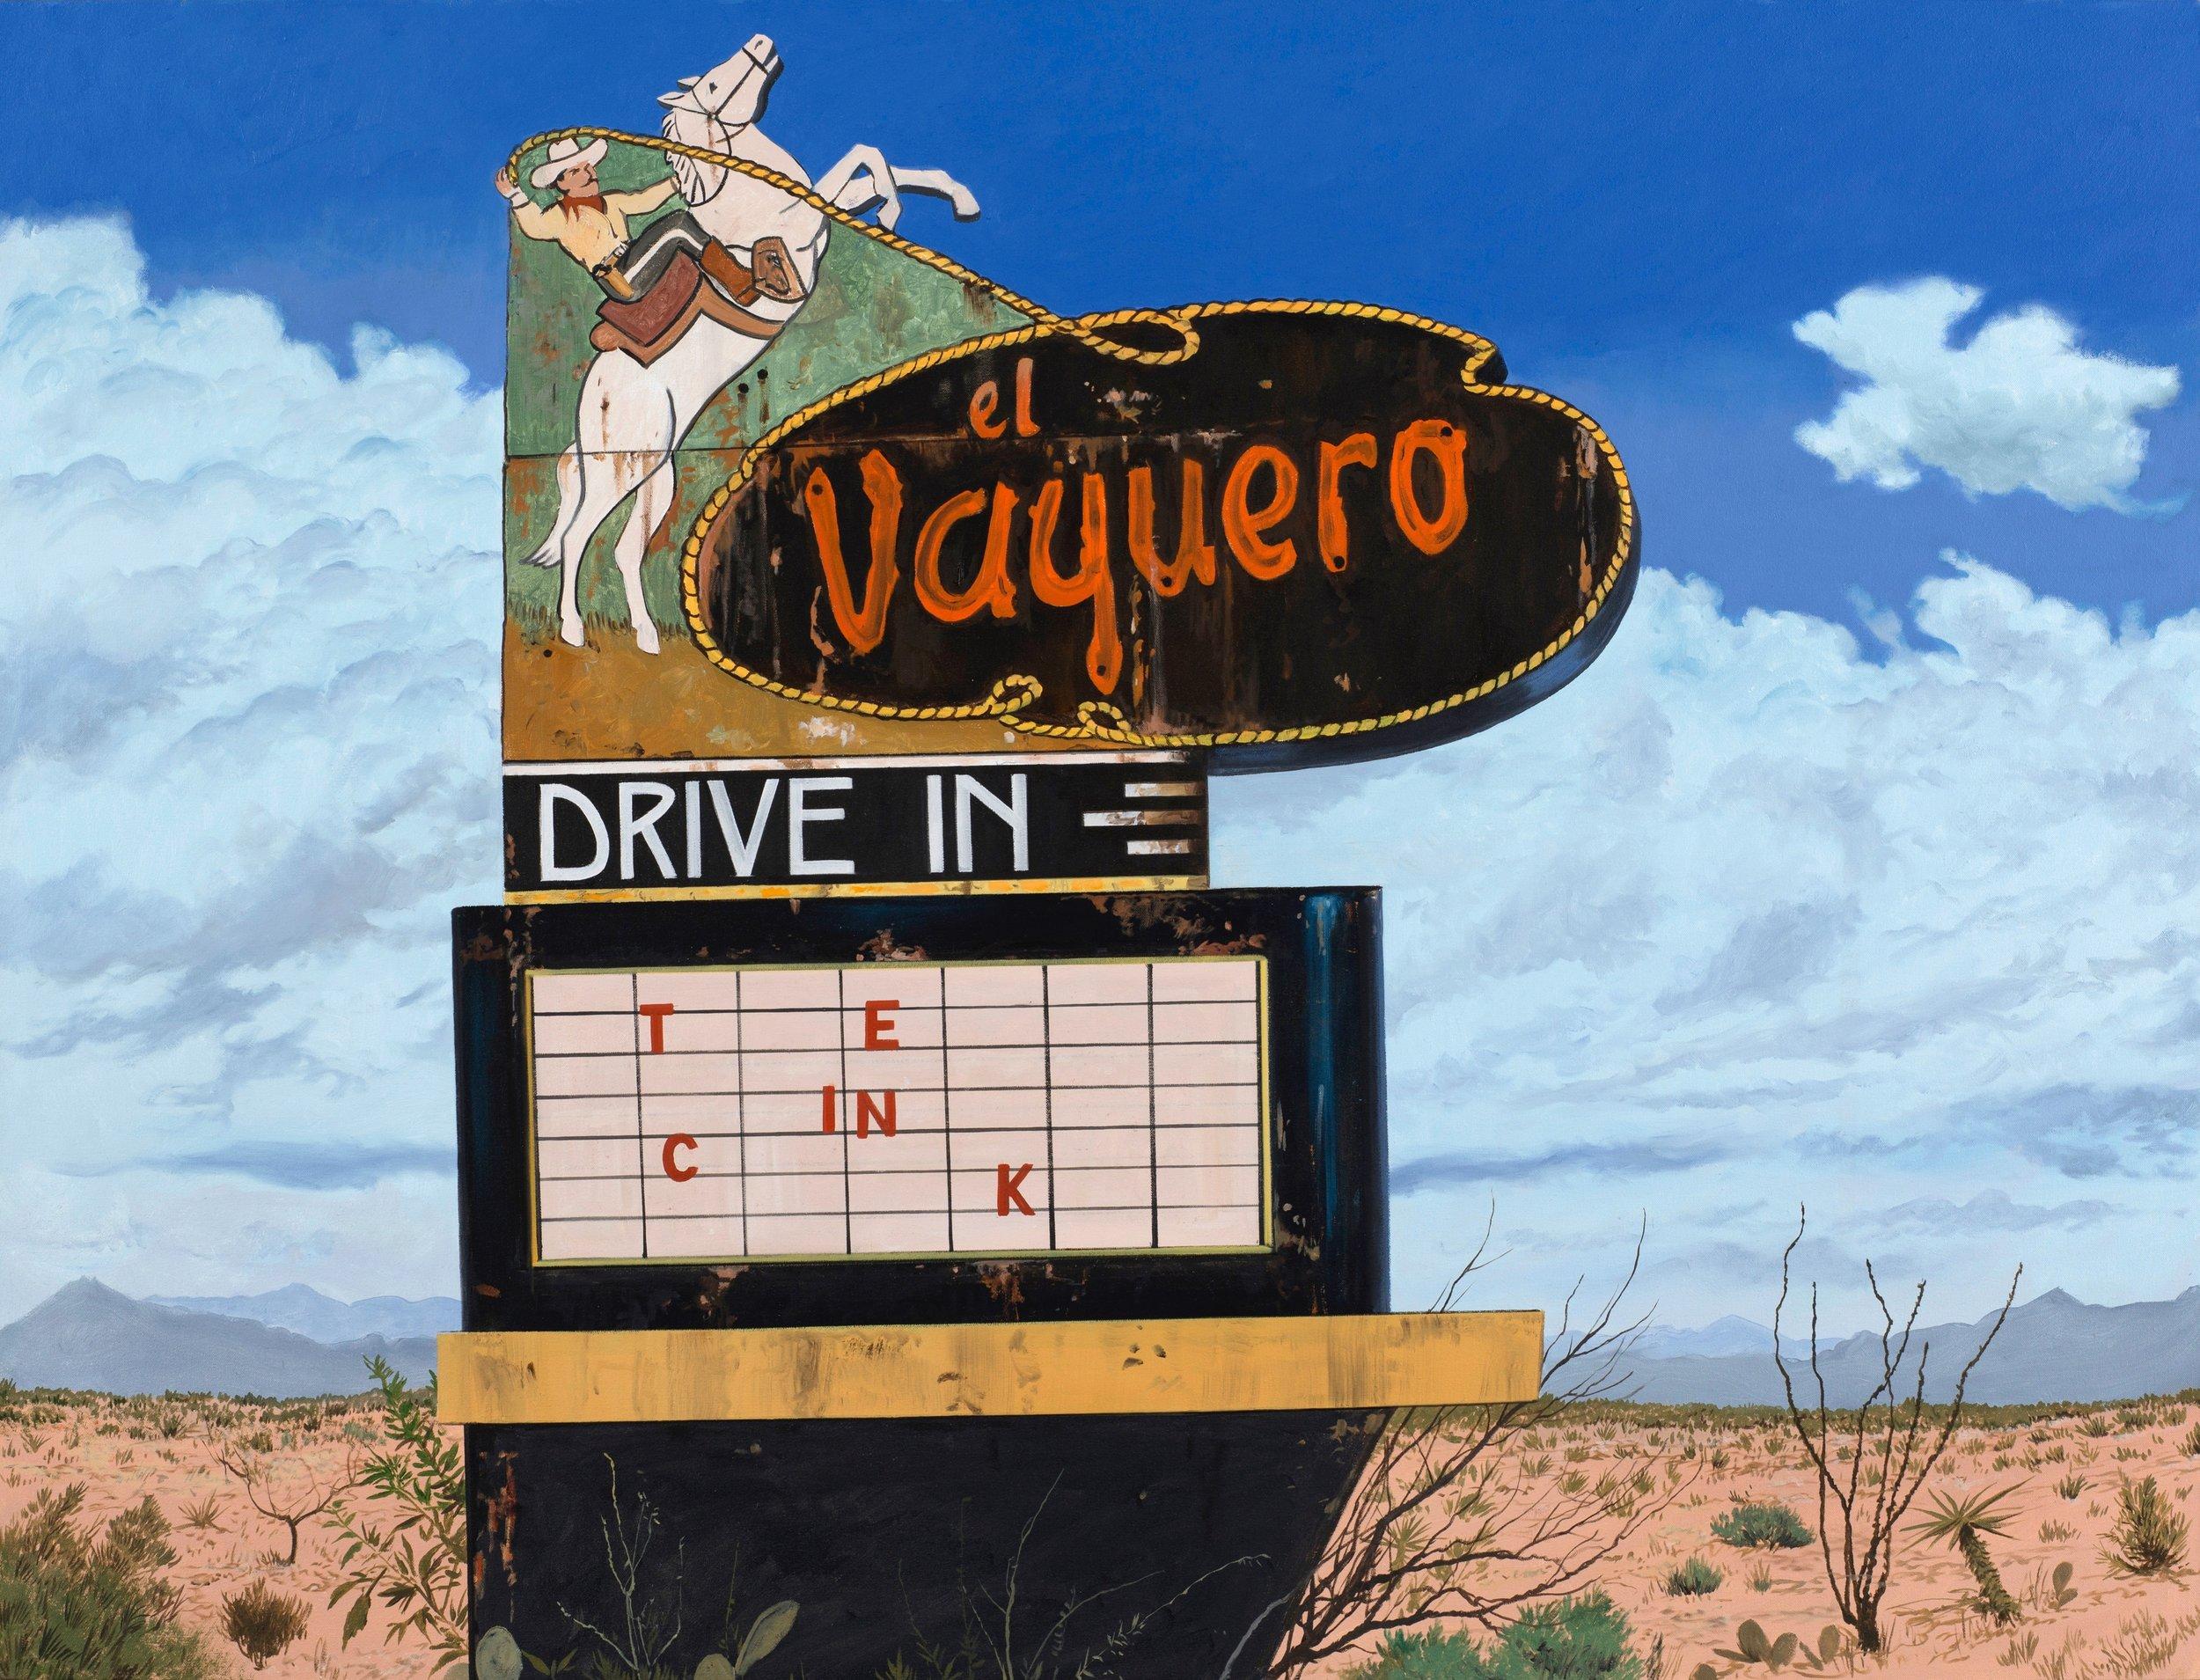 Daniel Blagg, Vaquero Drive In